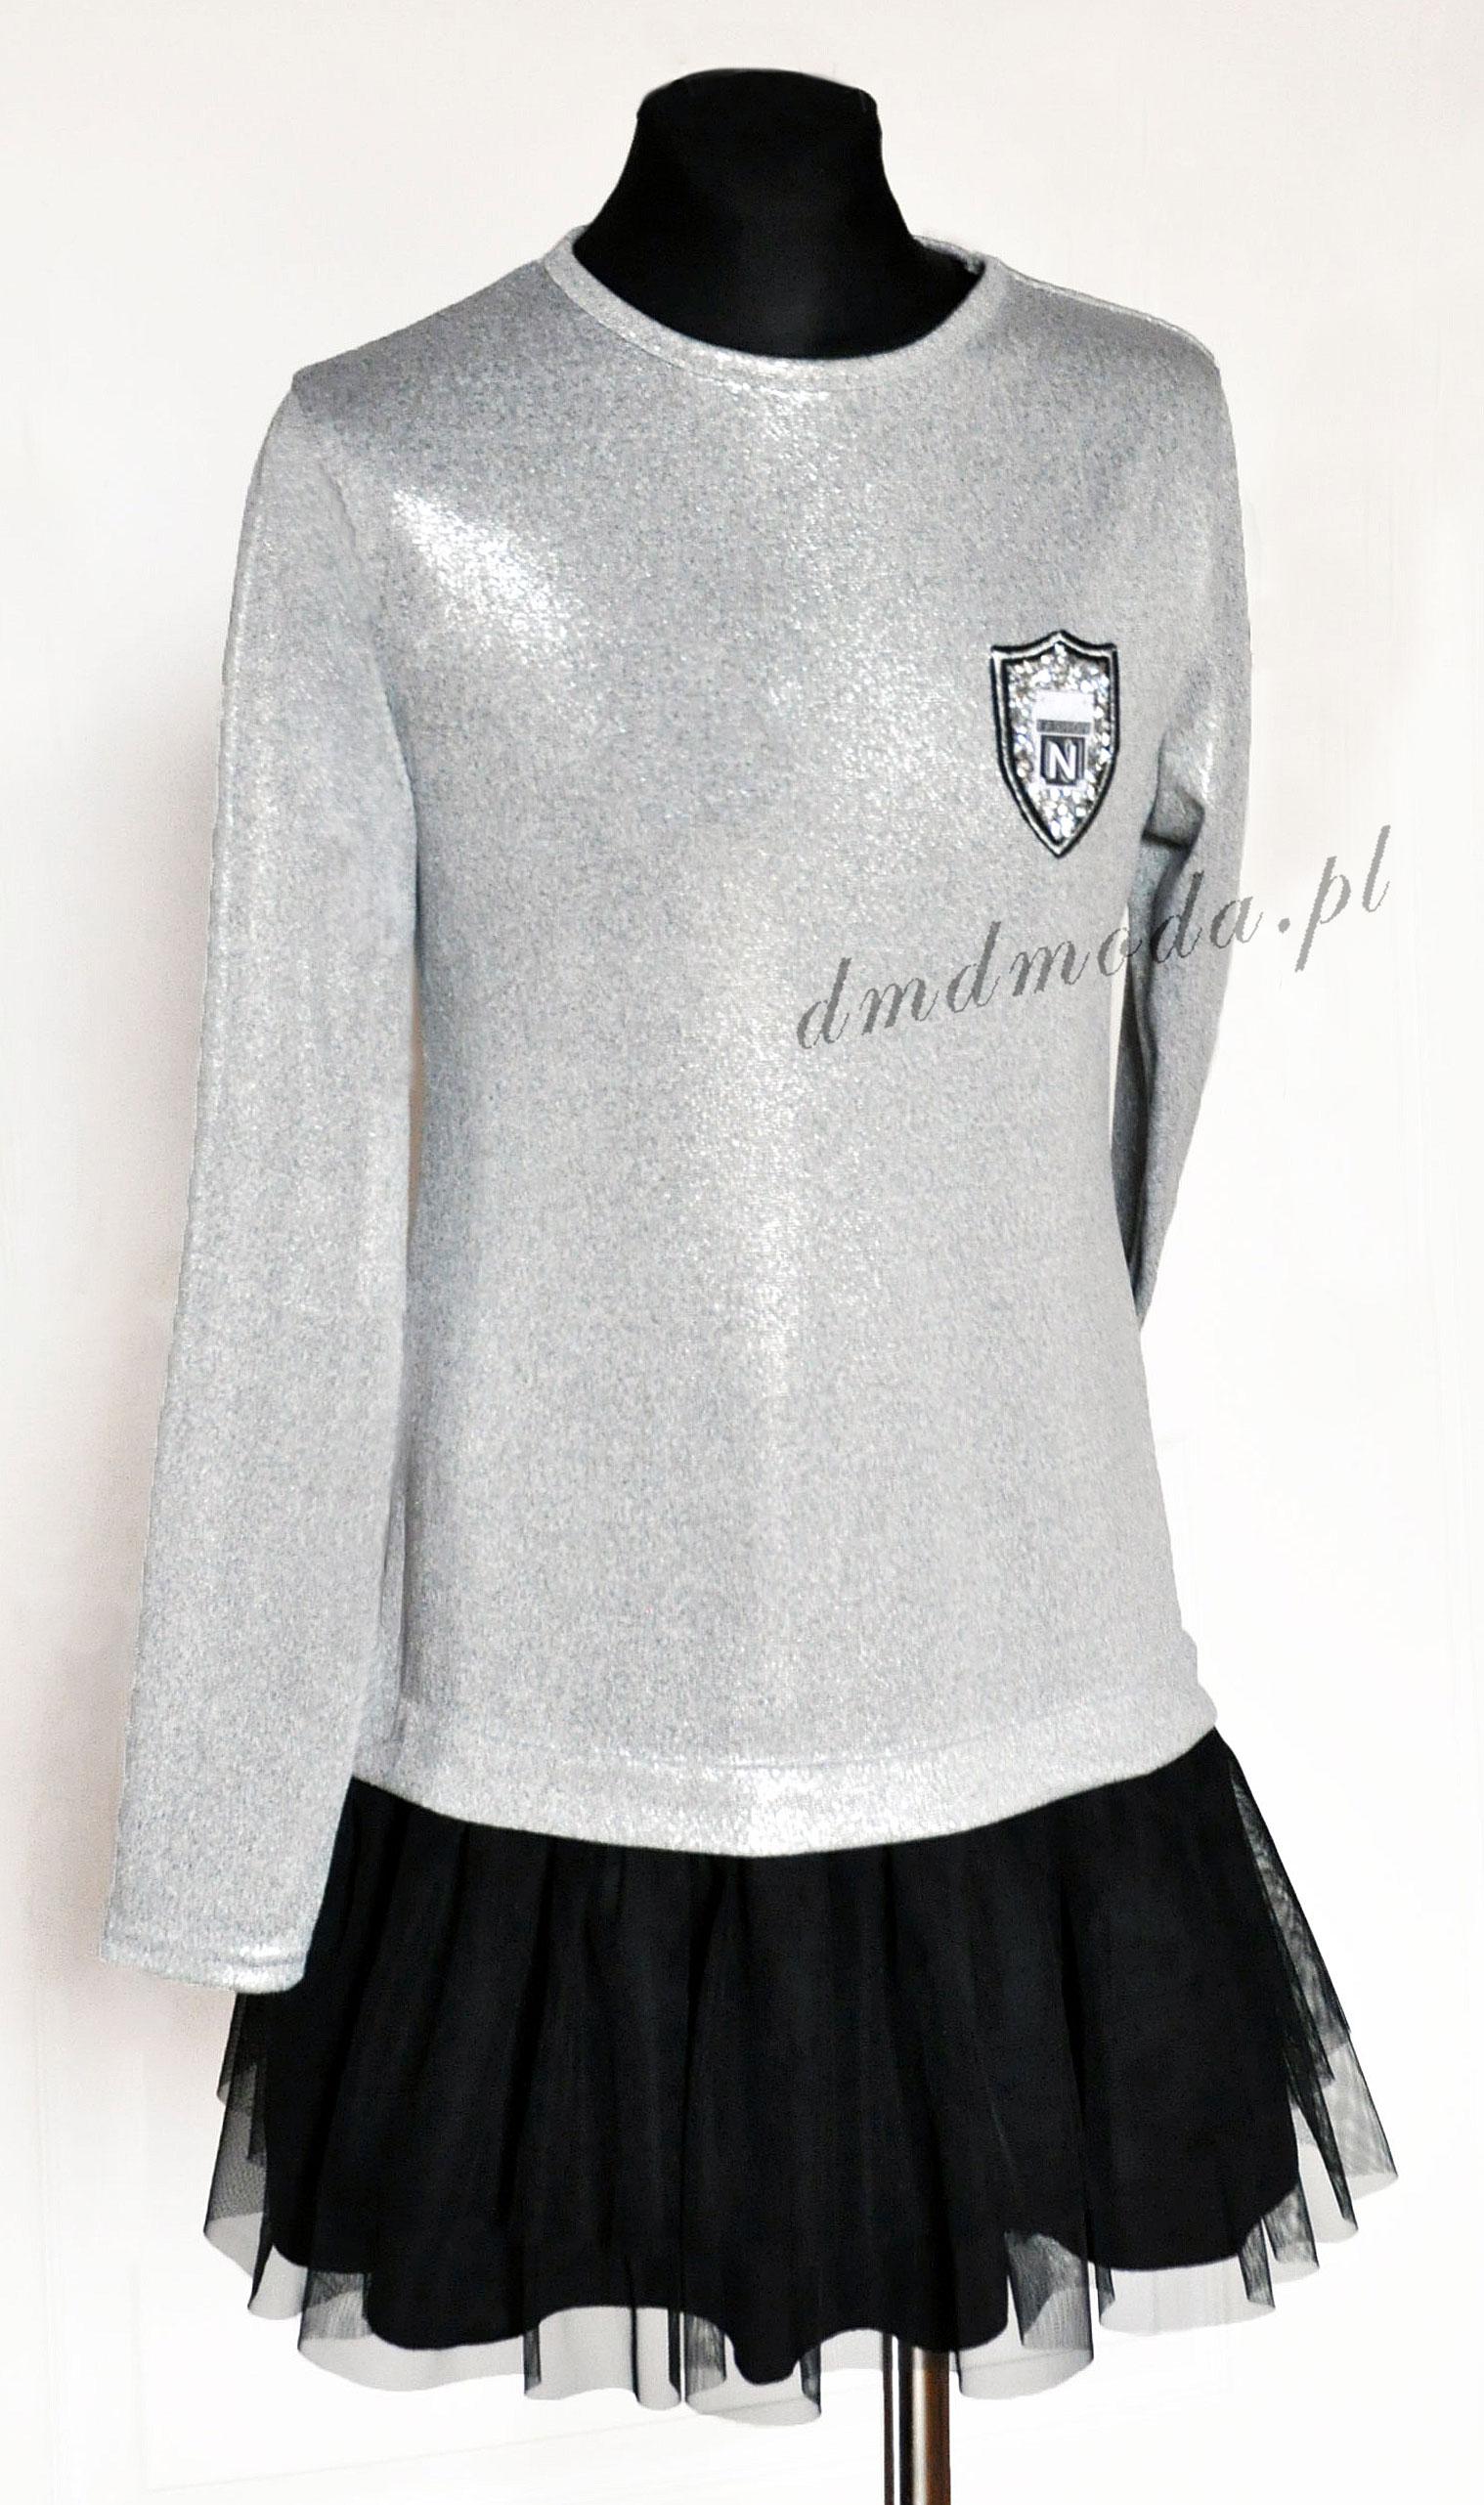 sukienka tunika dla dziewczynki srebrna